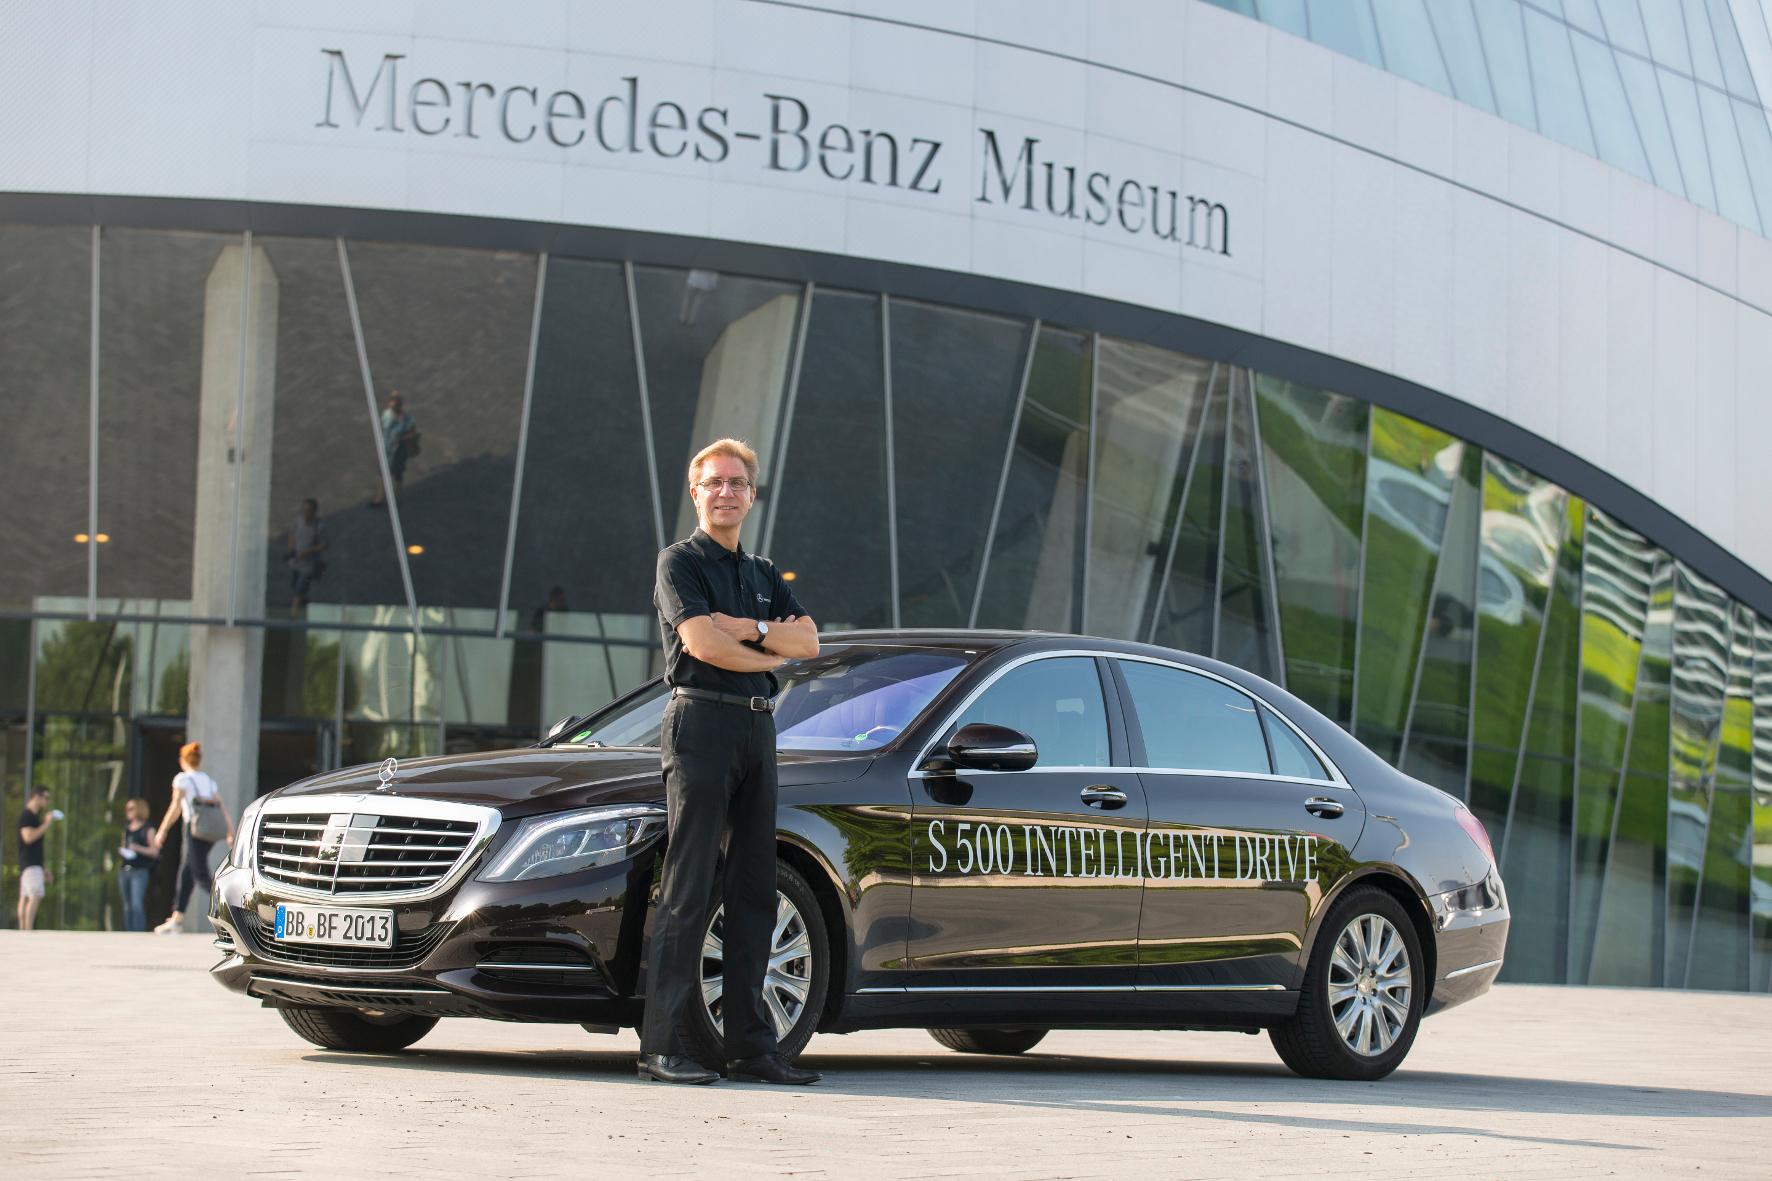 """mid Groß-Gerau - Prof. Ralf Guido Herrtwich, Leiter Fahrzeugautomatisierung der Daimler AG, und seine """"Bertha"""". Die S-Klasse 500 Intelligent Drive bekommt jetzt einen Ehrenplatz im Mercedes-Benz-Museum."""